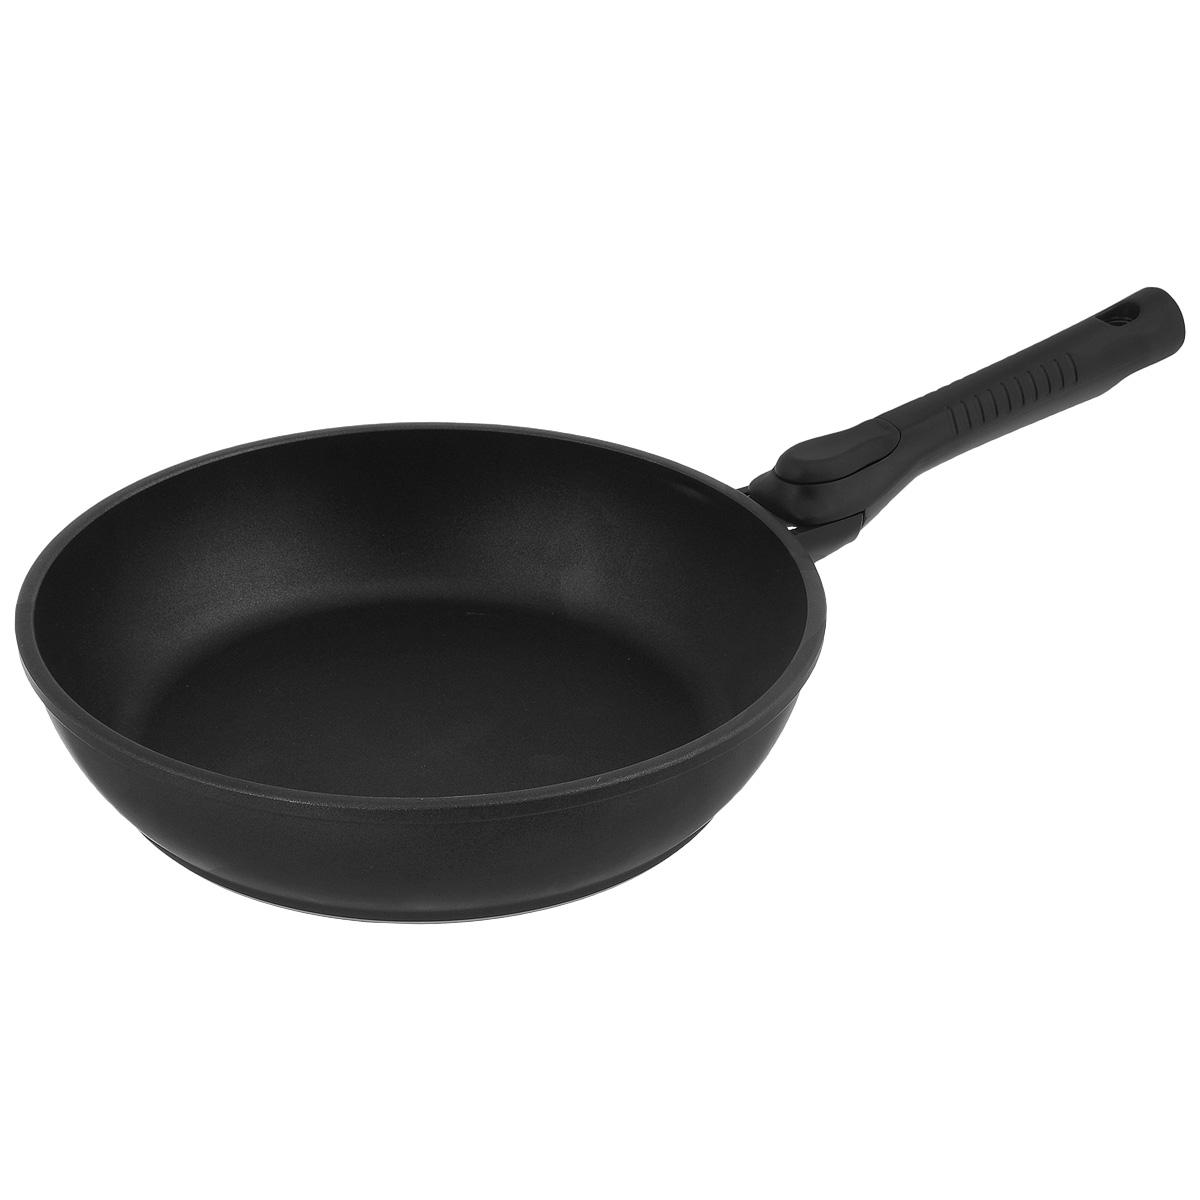 Сковорода литая Нева Металл Посуда Классическая, с антипригарным покрытием, со съемной ручкой, цвет: черный. Диаметр 28 см8028УСковорода НМП Классическая из литого алюминия, с 4-слойным полимер-керамическим антипригарным покрытием, многофункциональна и удобна в эксплуатации, в ней можно жарить, тушить и томить. Отлично подходит для приготовления гарниров и блюд с большим количеством ингредиентов. Эргономичная ручка - съемная, что позволяет использовать сковороду в духовом шкафу. Благодаря качественному антипригарному покрытию, вы можете готовить с минимальным количеством масла. Особенности посуды серии ТИТАН: - 4-слойная антипригарная полимер-керамическая система ТИТАН является эталоном износостойкости антипригарного покрытия, непревзойденного по сроку службы и длительности сохранения антипригарных свойств, благодаря особому составу, структуре и толщине - в состав системы ТИТАН входят антипригарные слои на водной основе - система ТИТАН традиционно производится без использования PFOA /перфтороктановой кислоты/ - равномерно нагревается за счет особой конструкции корпуса по...